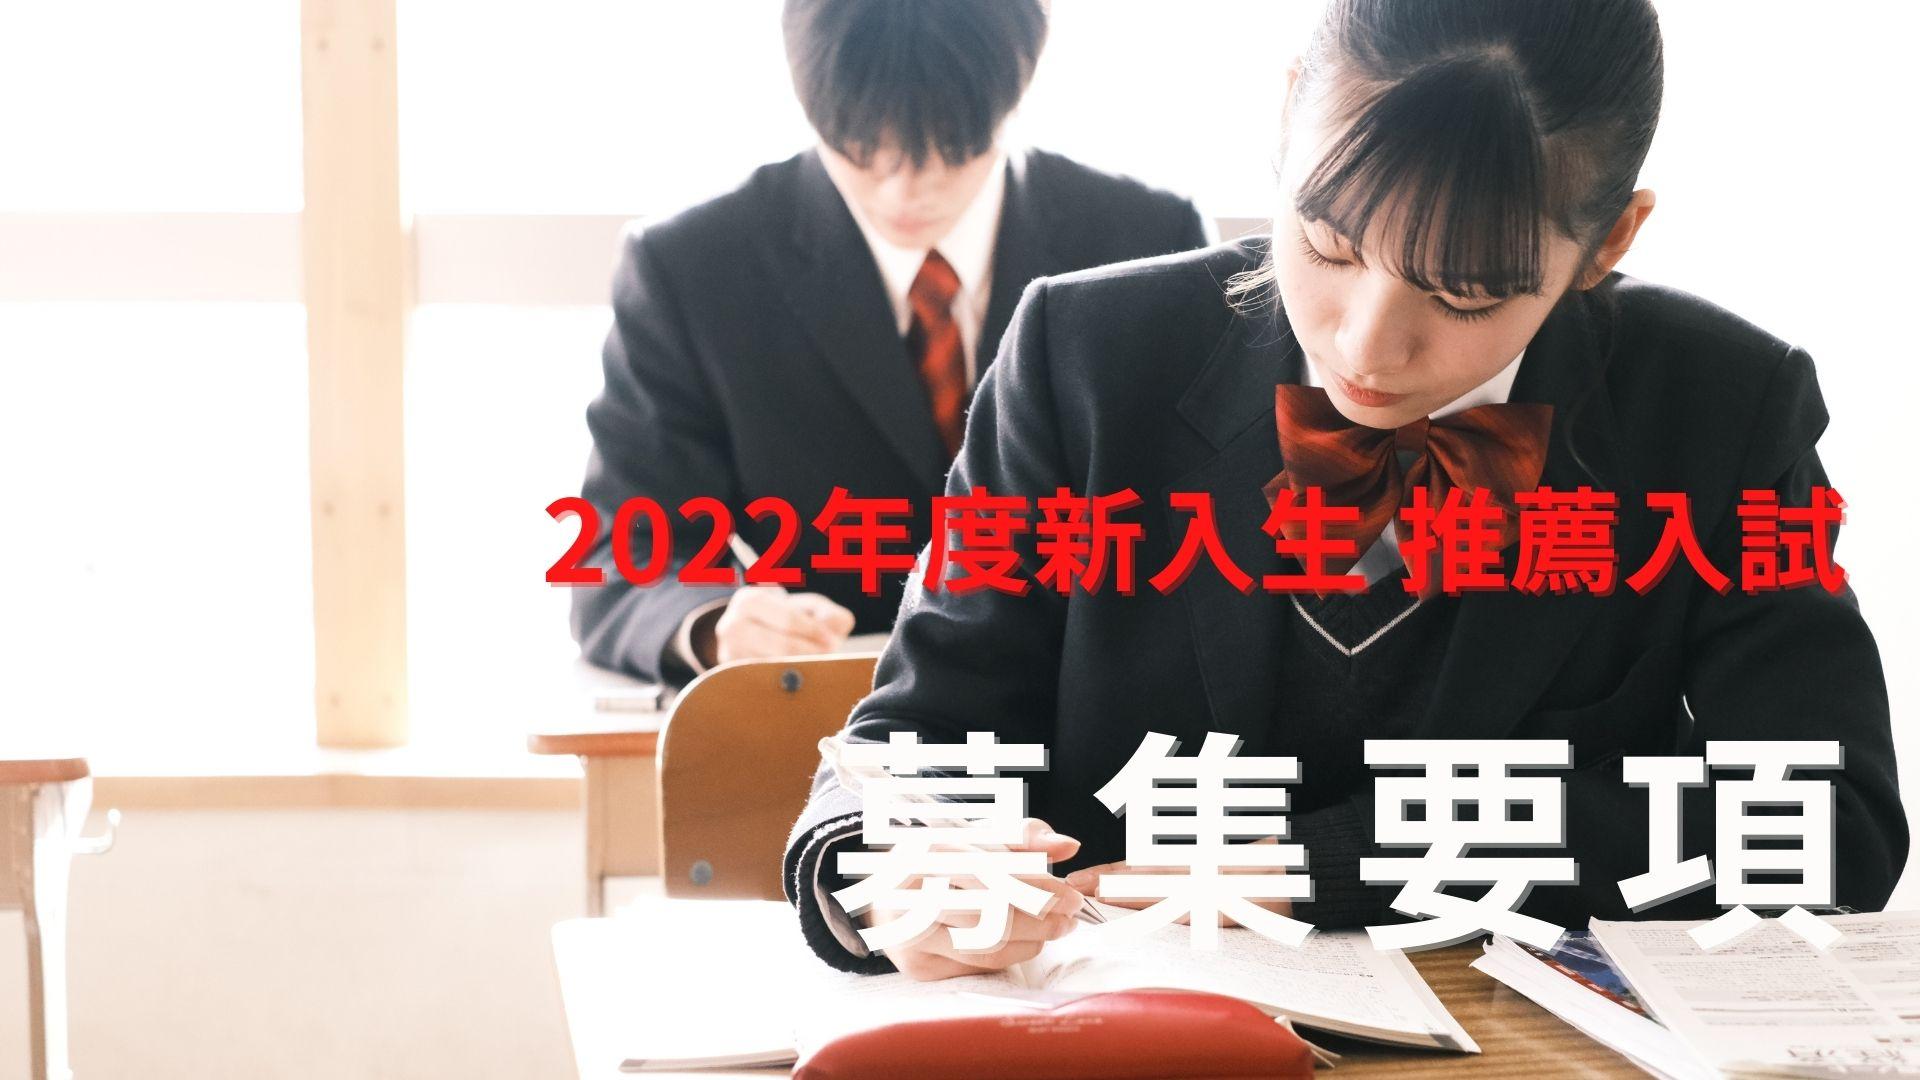 【2022年度新入生対象】 推薦入試募集要項公開